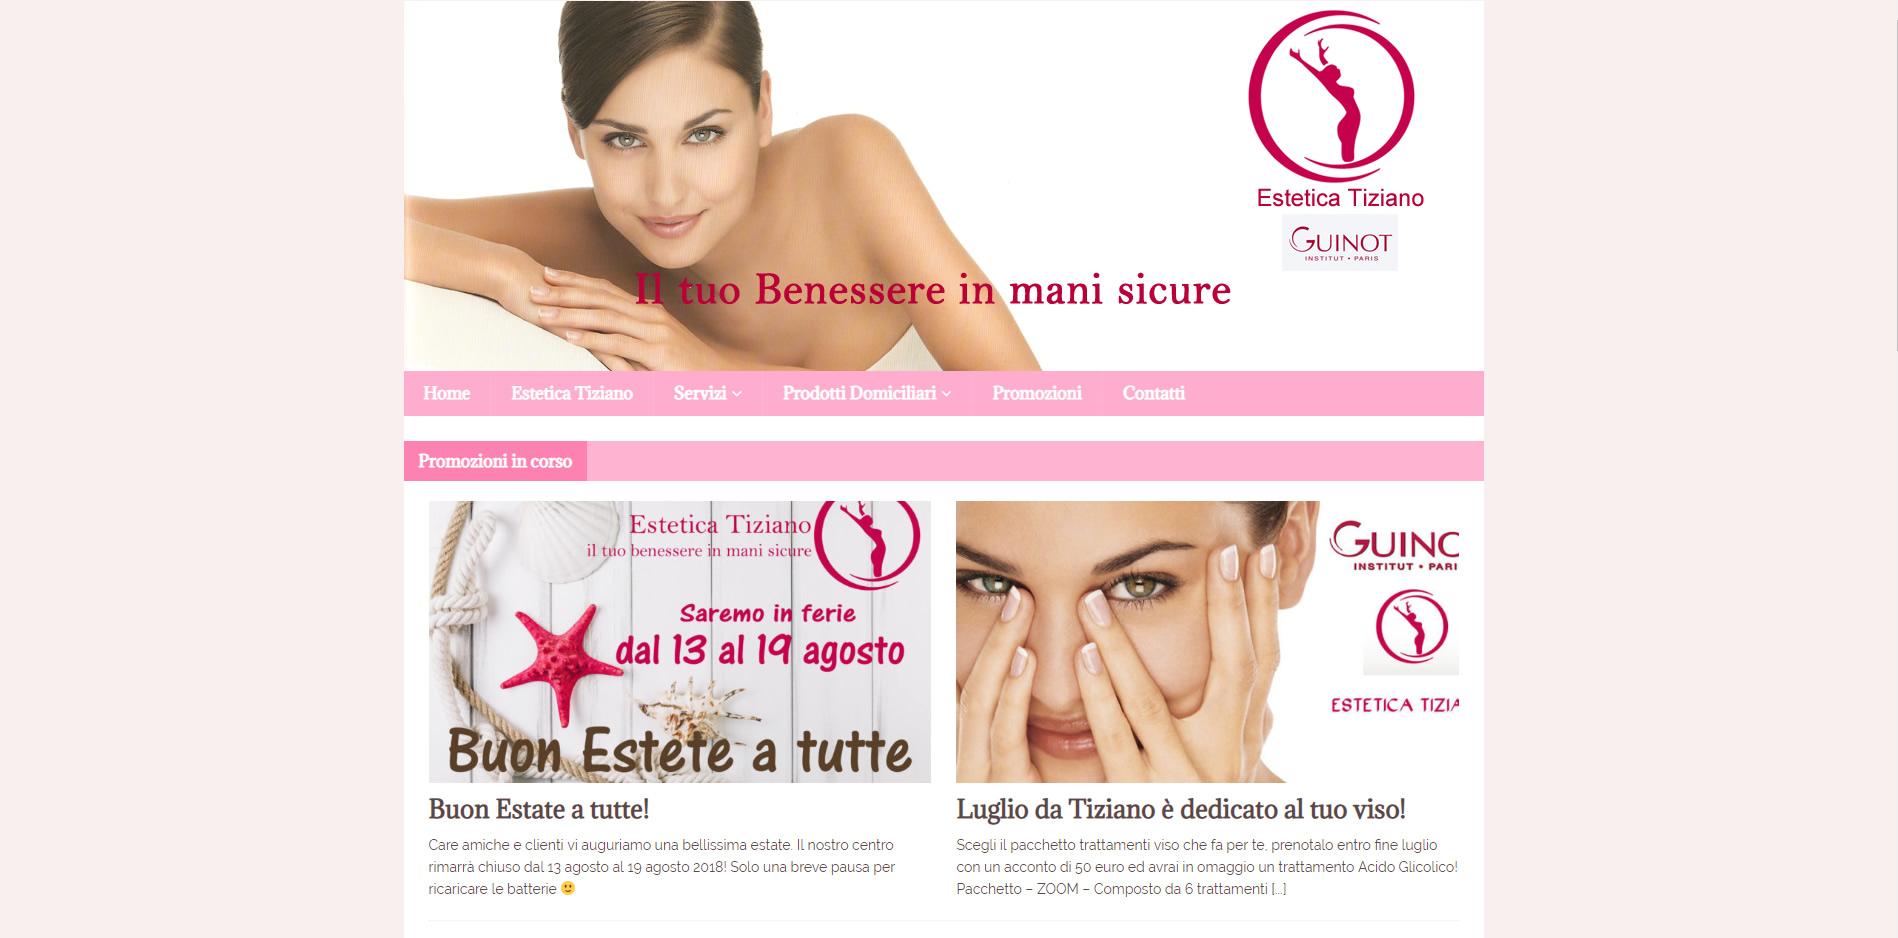 Estetica Tiziano sito web in WordPress agenzia digitale Roma